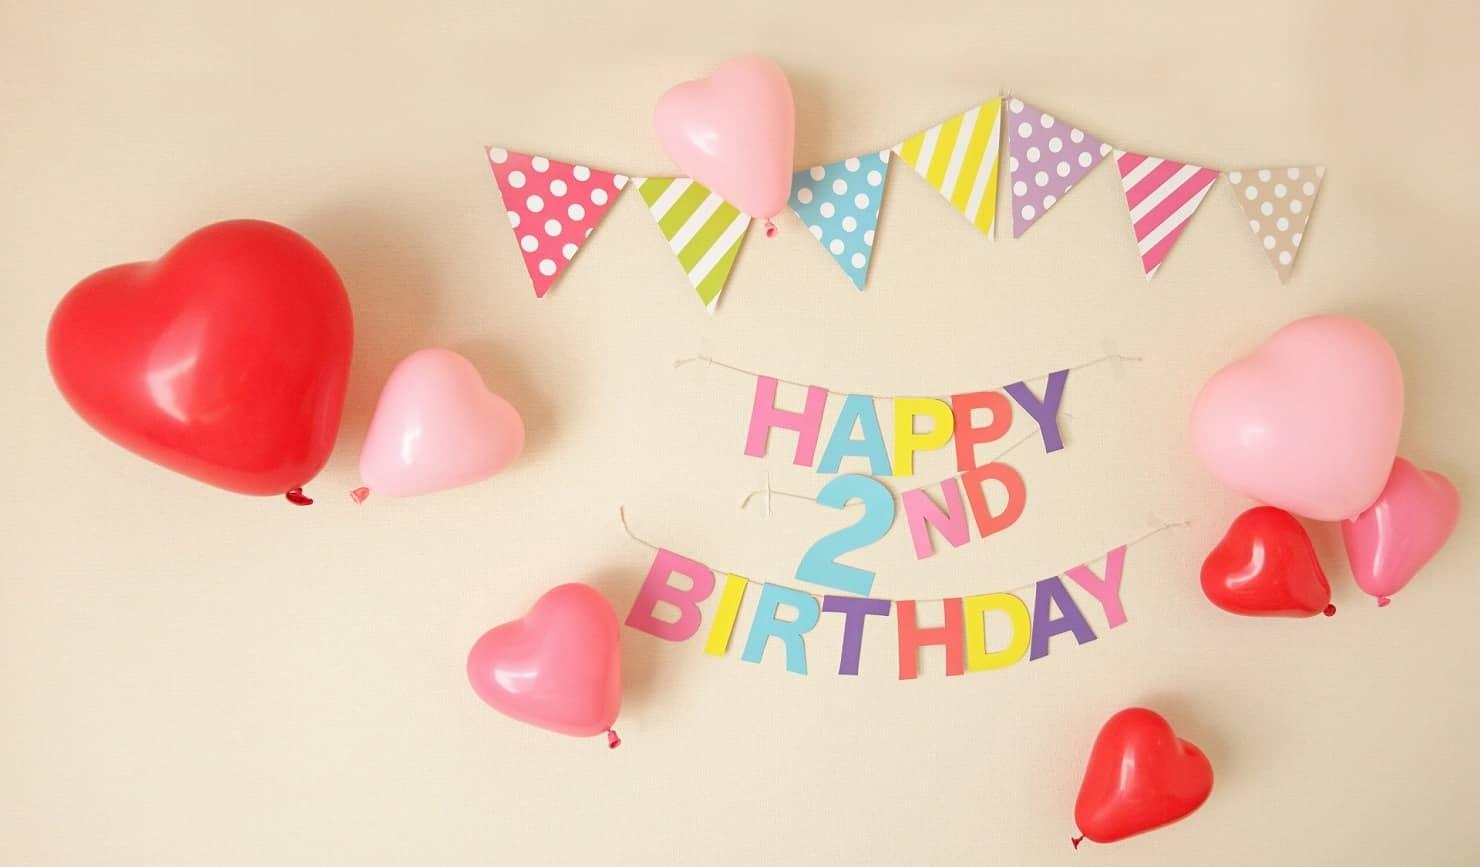 2歳の女の子への誕生日プレゼントの選び方は? 女の子が喜ぶおすすめのプレゼント12選